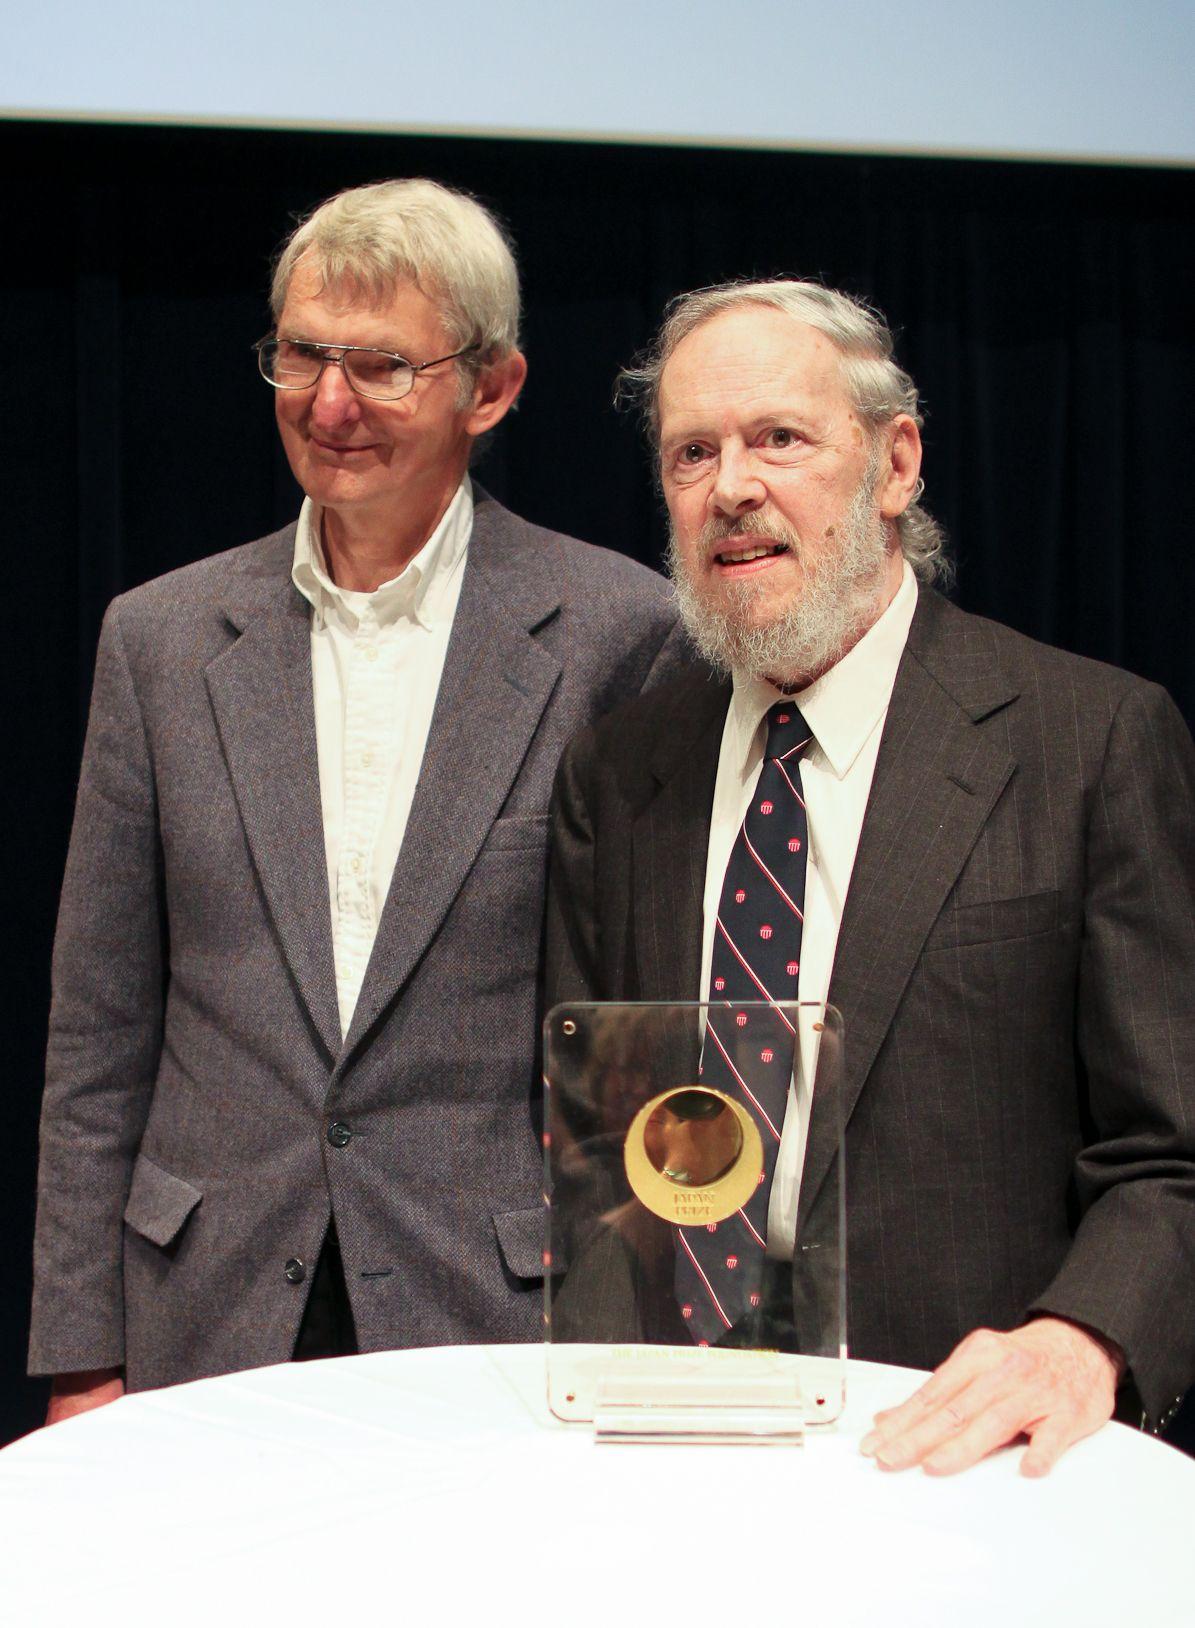 Dennis Ritchie C Programming Language Creator Dies Aged